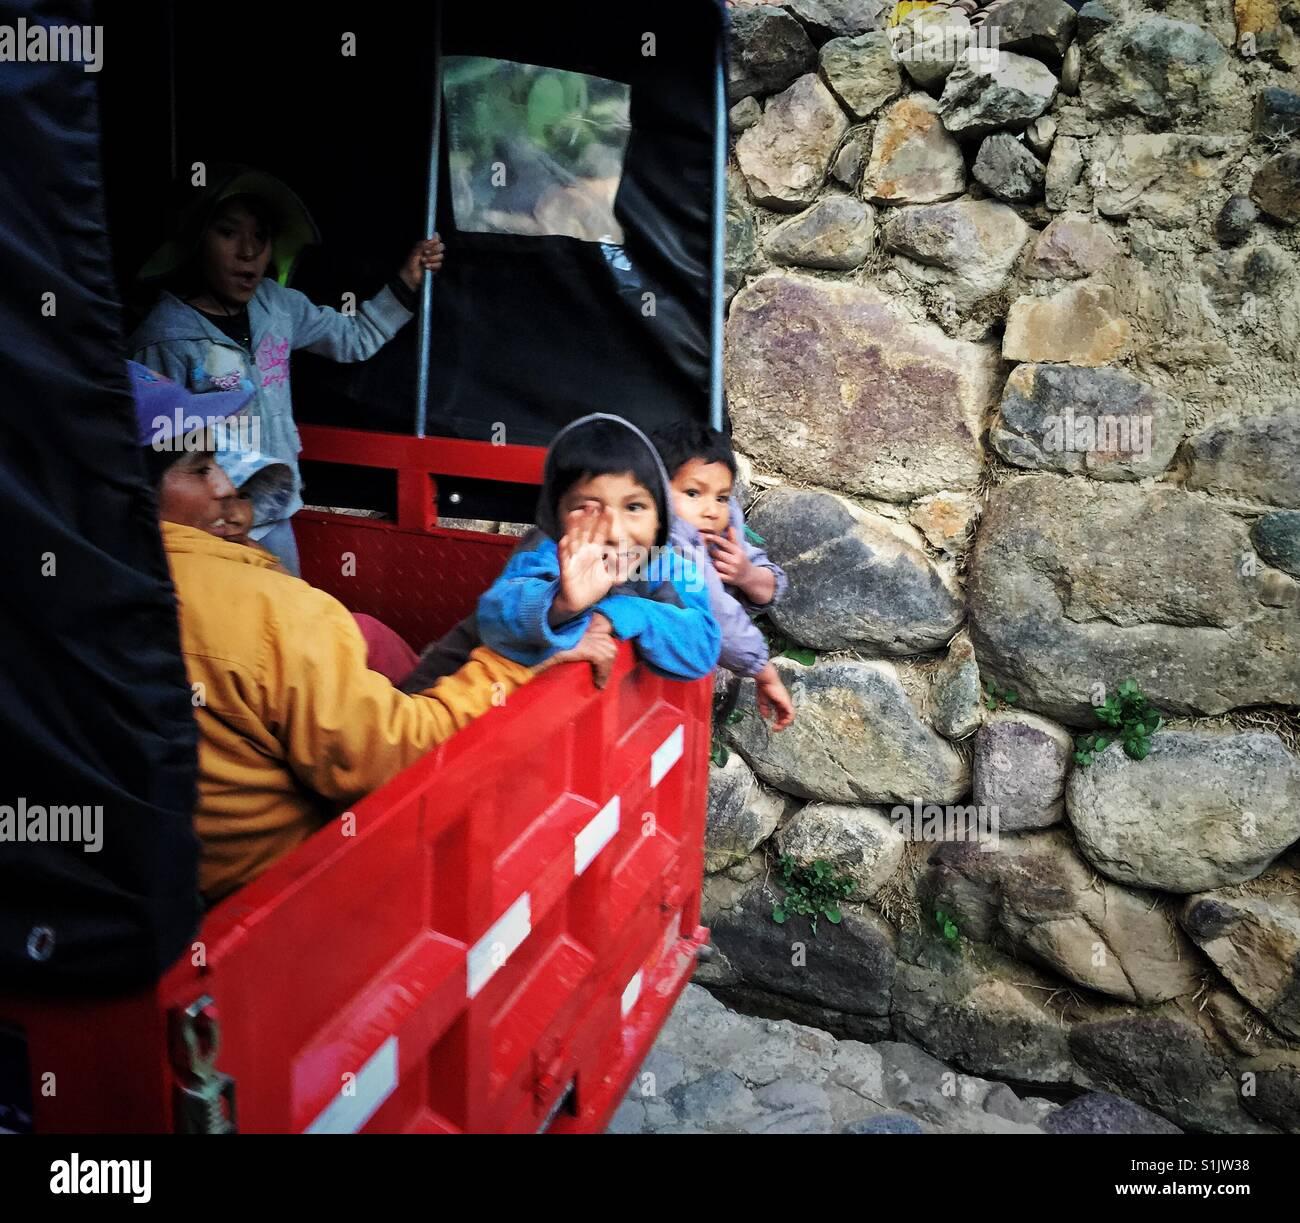 Camioneta pickup roja llena de niños en una calle angosta de Olantaytambo  en la región de fbcf5936572